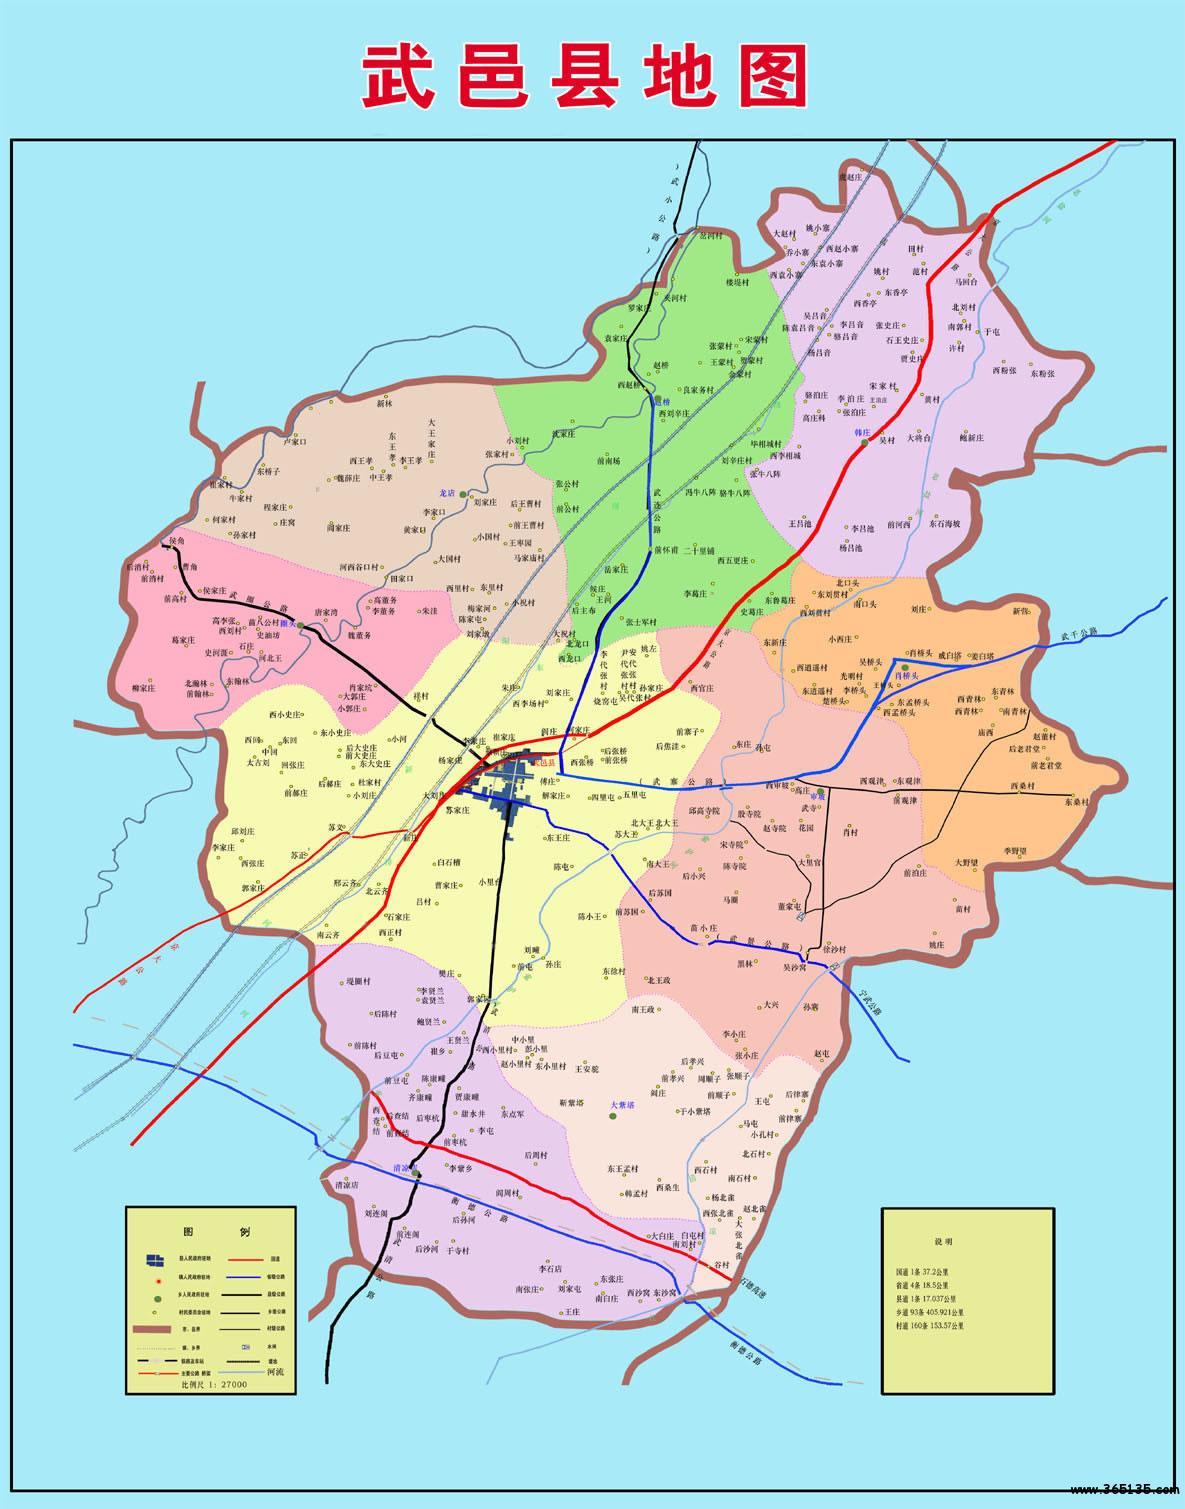 任丘市地图_武邑县行政区划地图 - 中国旅游资讯网365135.COM